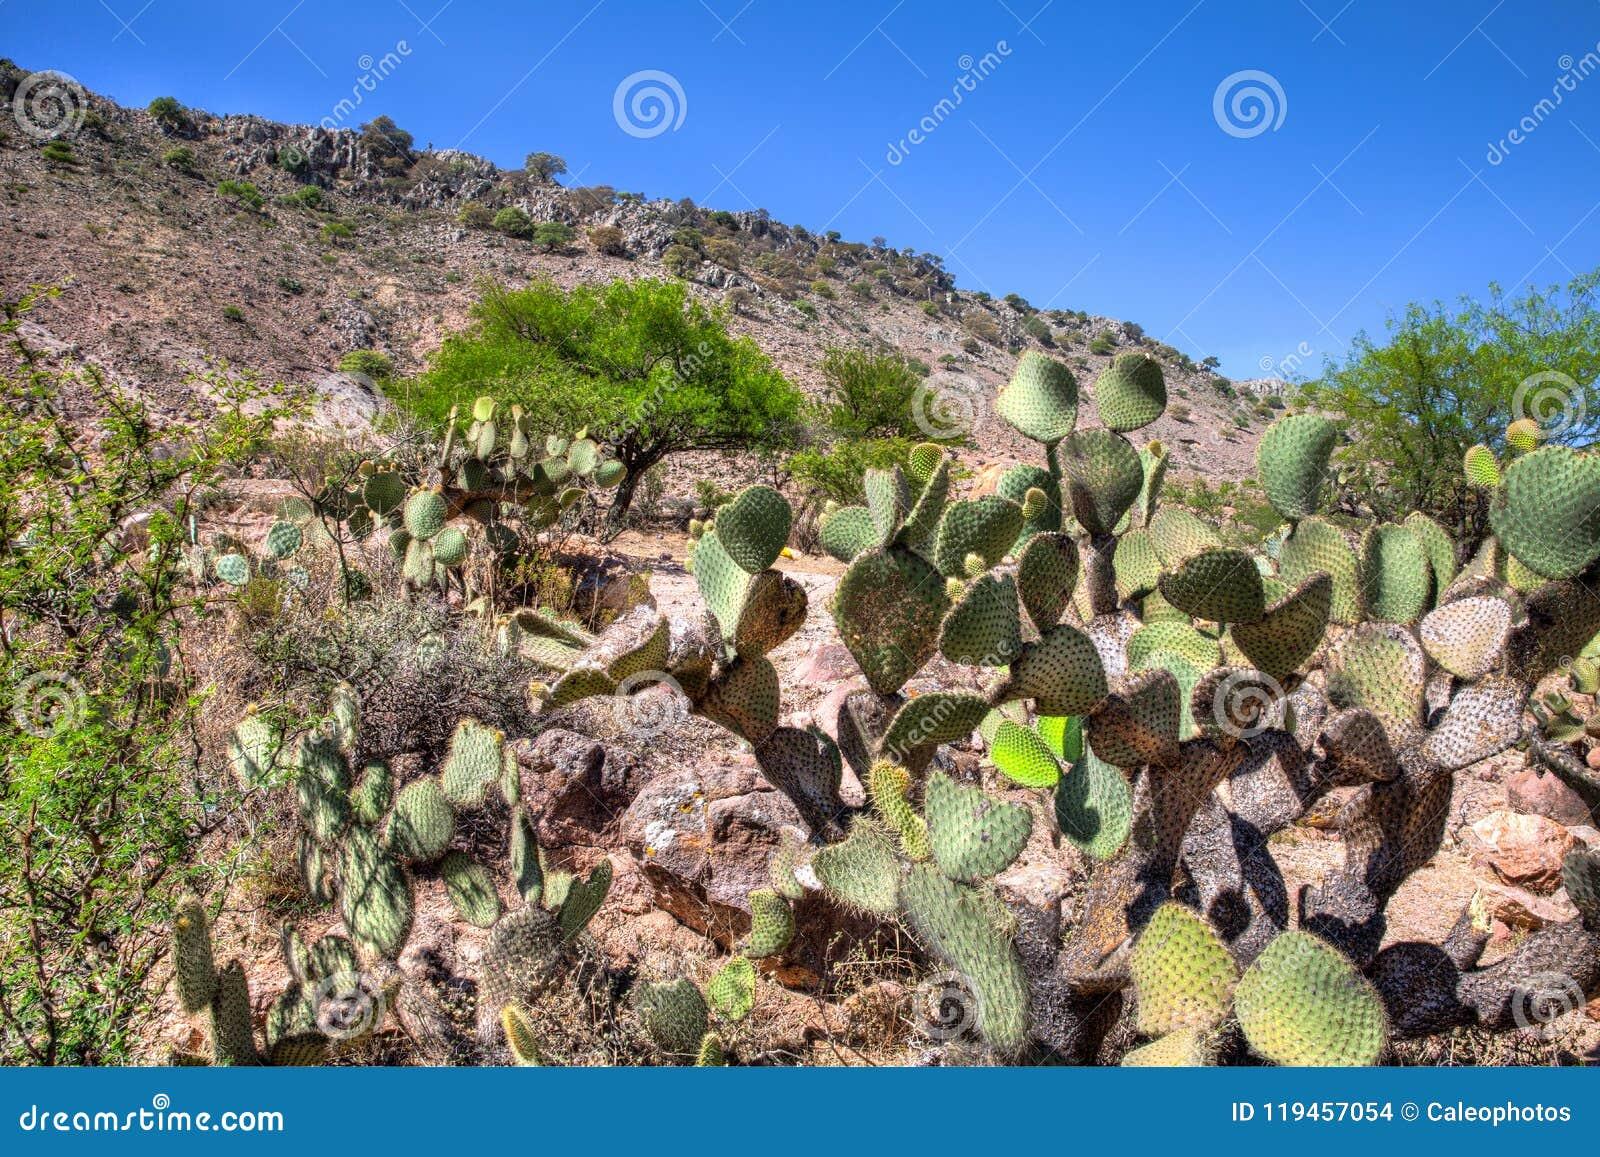 Paisagem do deserto mexicano